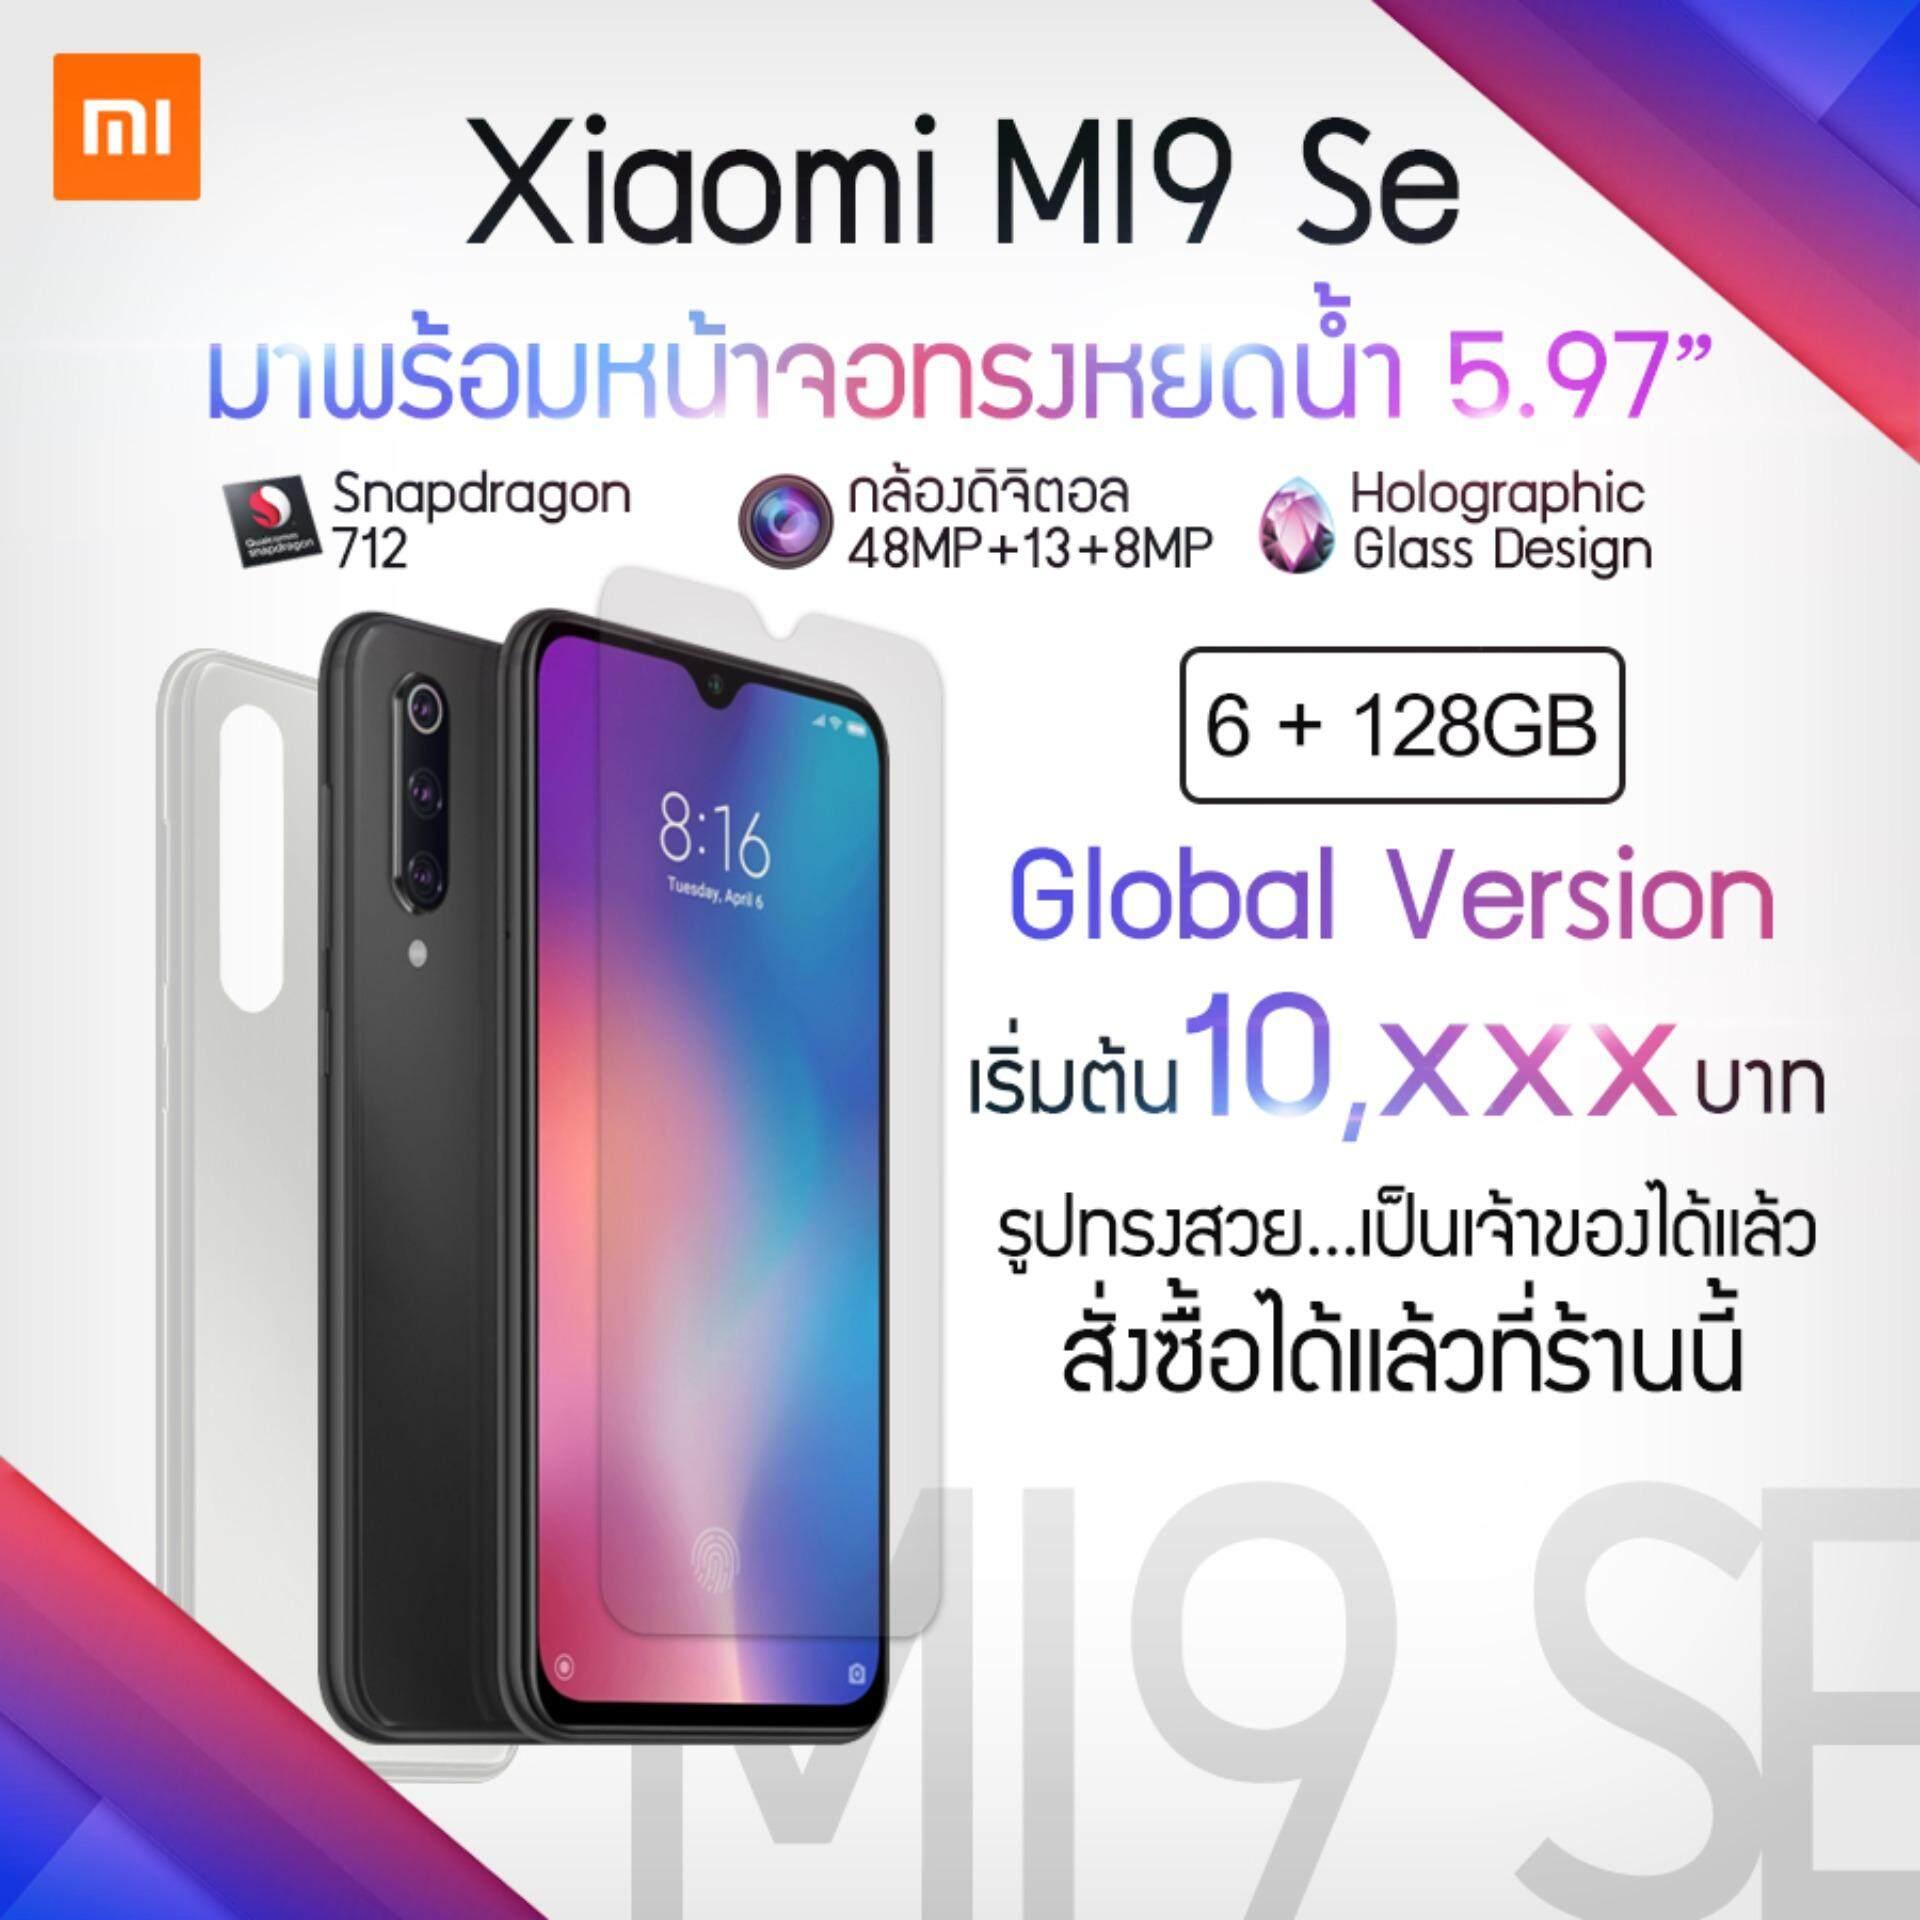 ยี่ห้อไหนดี  อุตรดิตถ์ พิเศษสุดๆ Xiaomi Mi 9 SE (6/64GB) (6/128GB) [Global Version] [รับประกันร้าน 1 ปี] แถมฟรี ฟิล์มกระจกและเคสใส